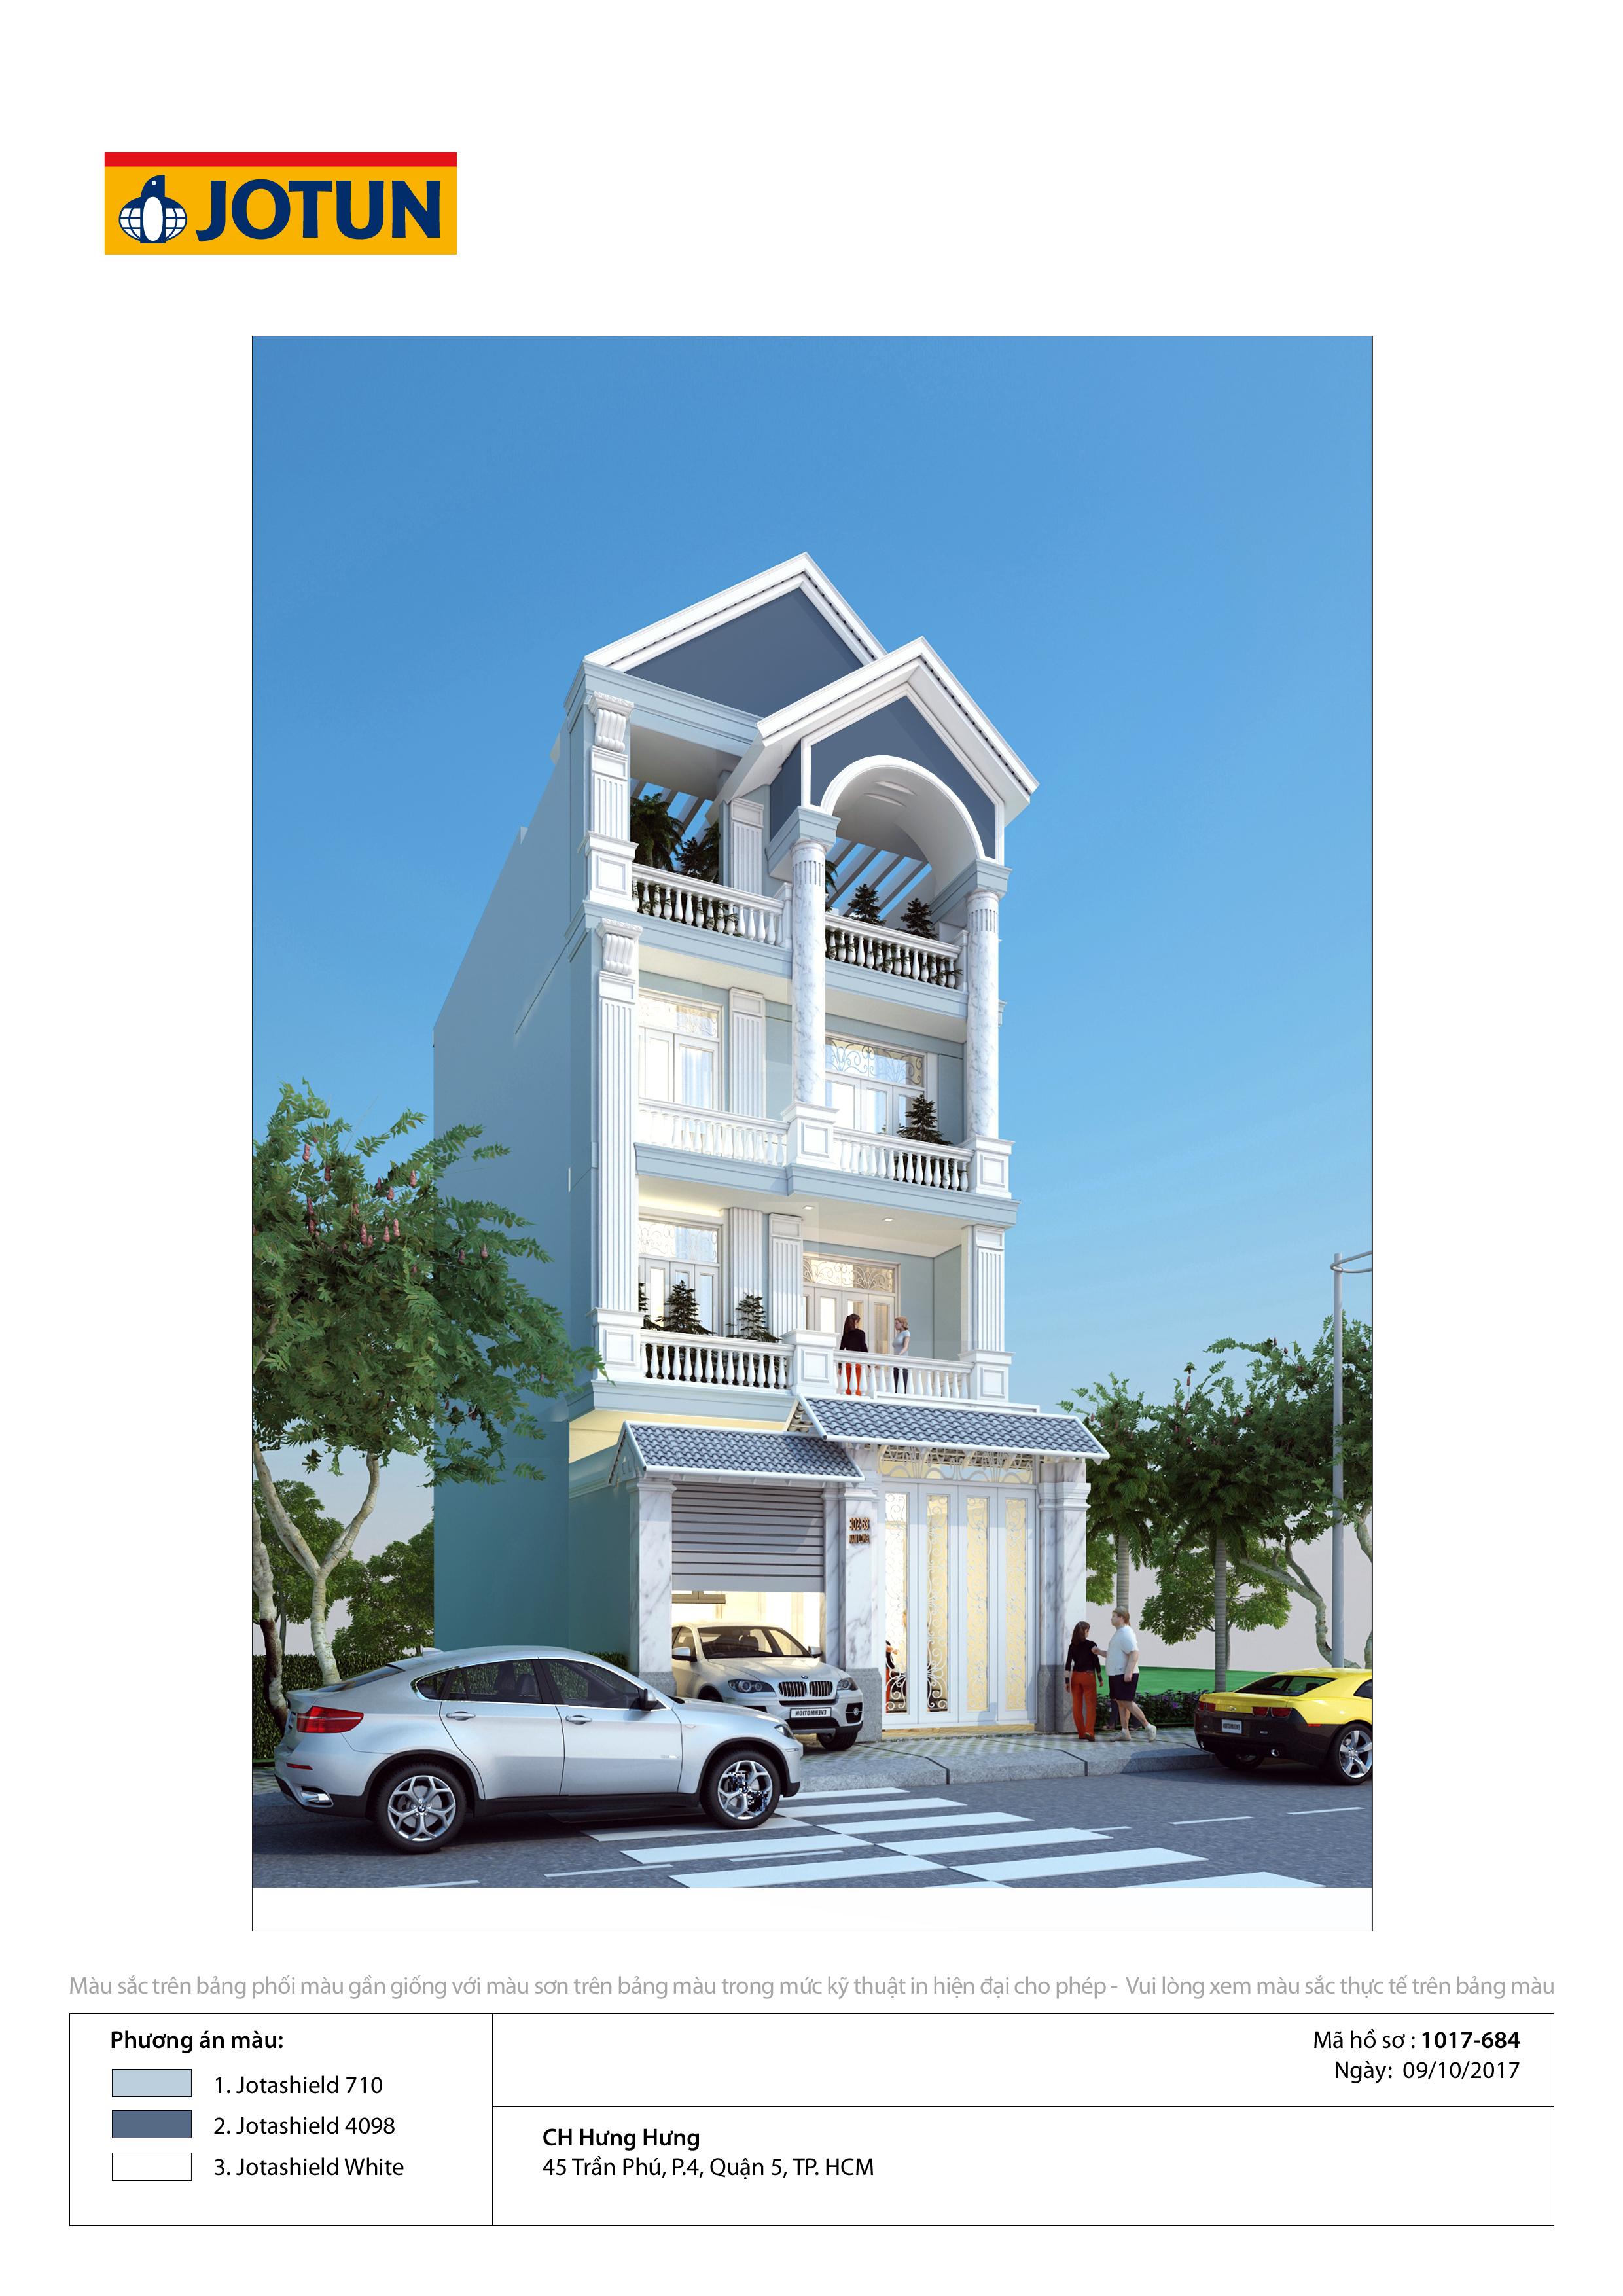 Sơn Jotun - Những kiểu nhà phố đẹp nhất, sơn jotun nhà phố màu nào đẹp, màu sơn jotun ngoại thất đẹp nhất, sơn jotun bên ngoài nênphối cảnh sơn jotun ngoại thất sơn màu gì